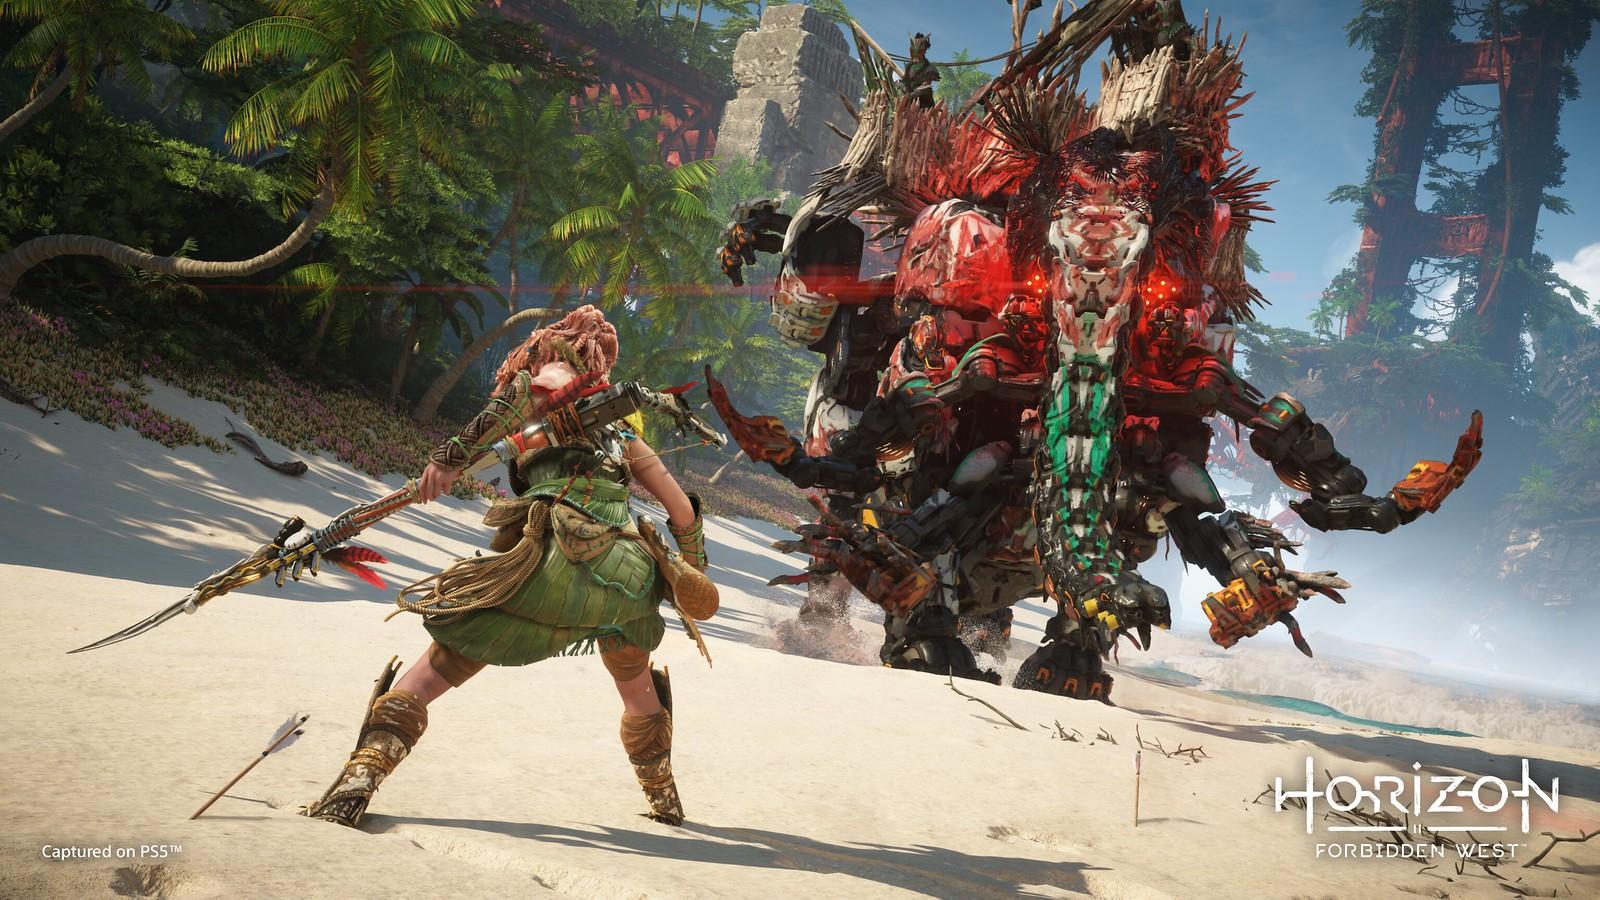 美到令人屏息的畫面表現!「地平線 西方禁地」PS5 實機畫面曝光!